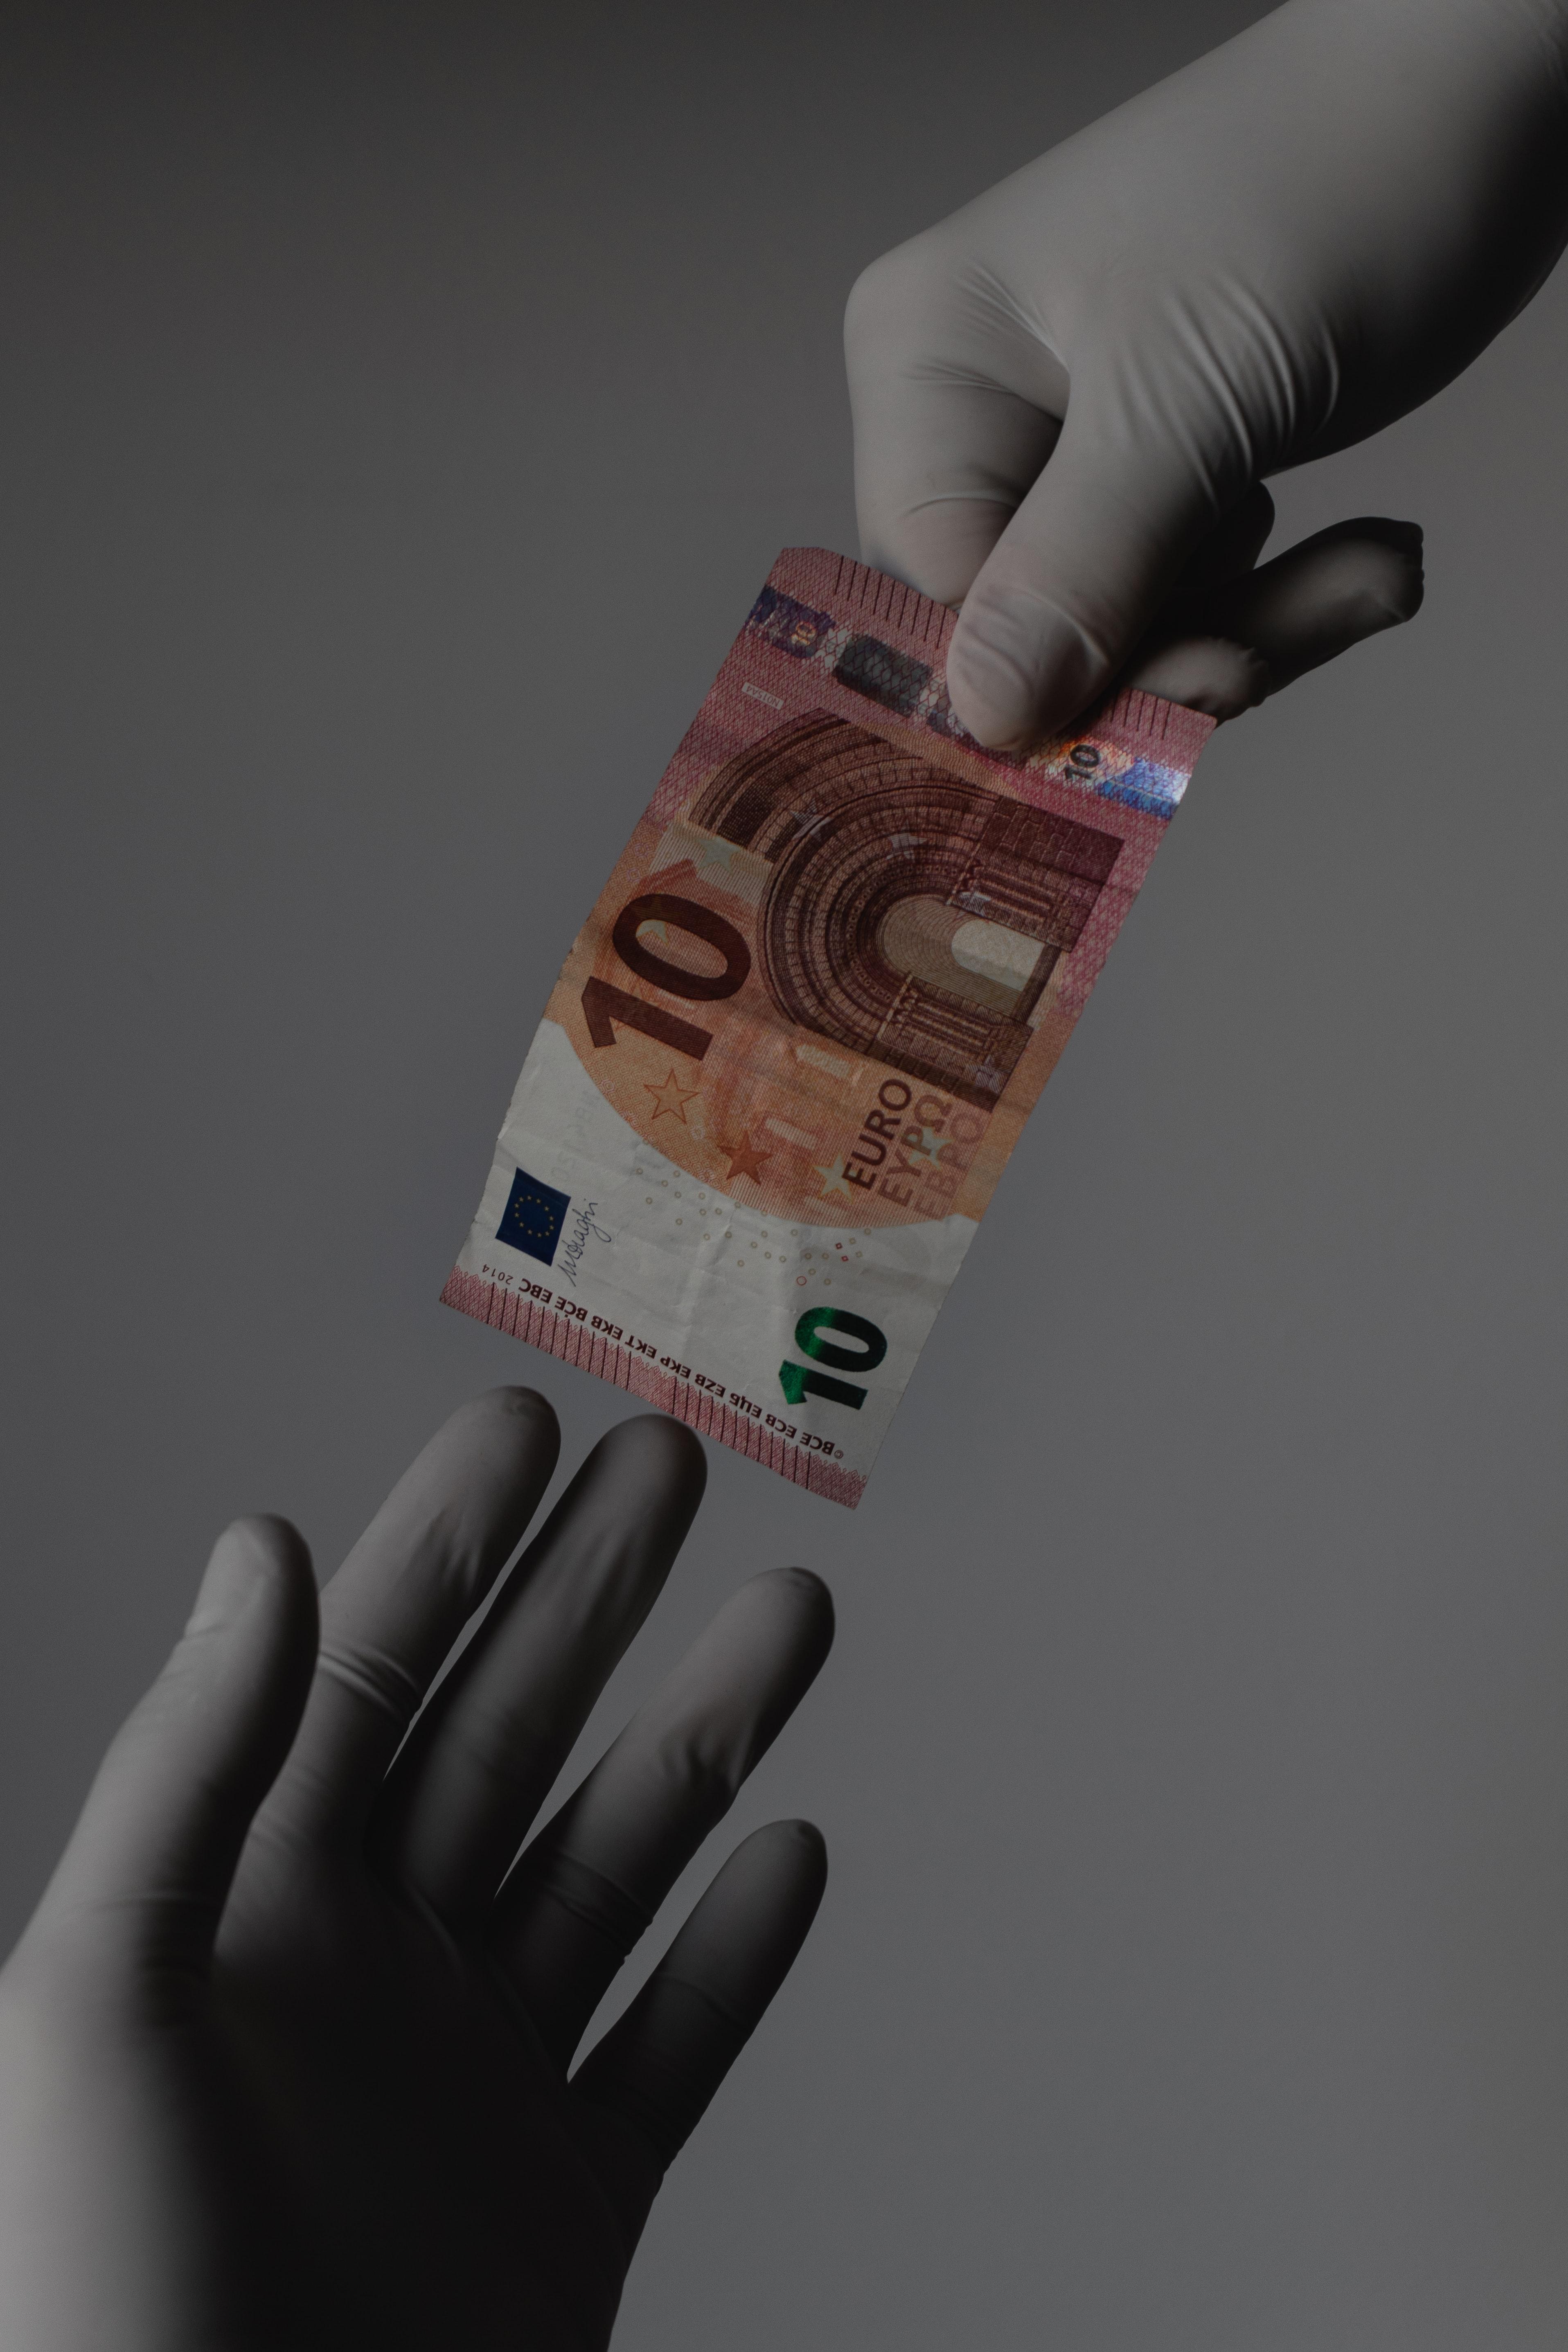 branimir balogovic yaMNhzAqhUg unsplash ¿Afecta la eliminación del efectivo a la libertad de las personas?